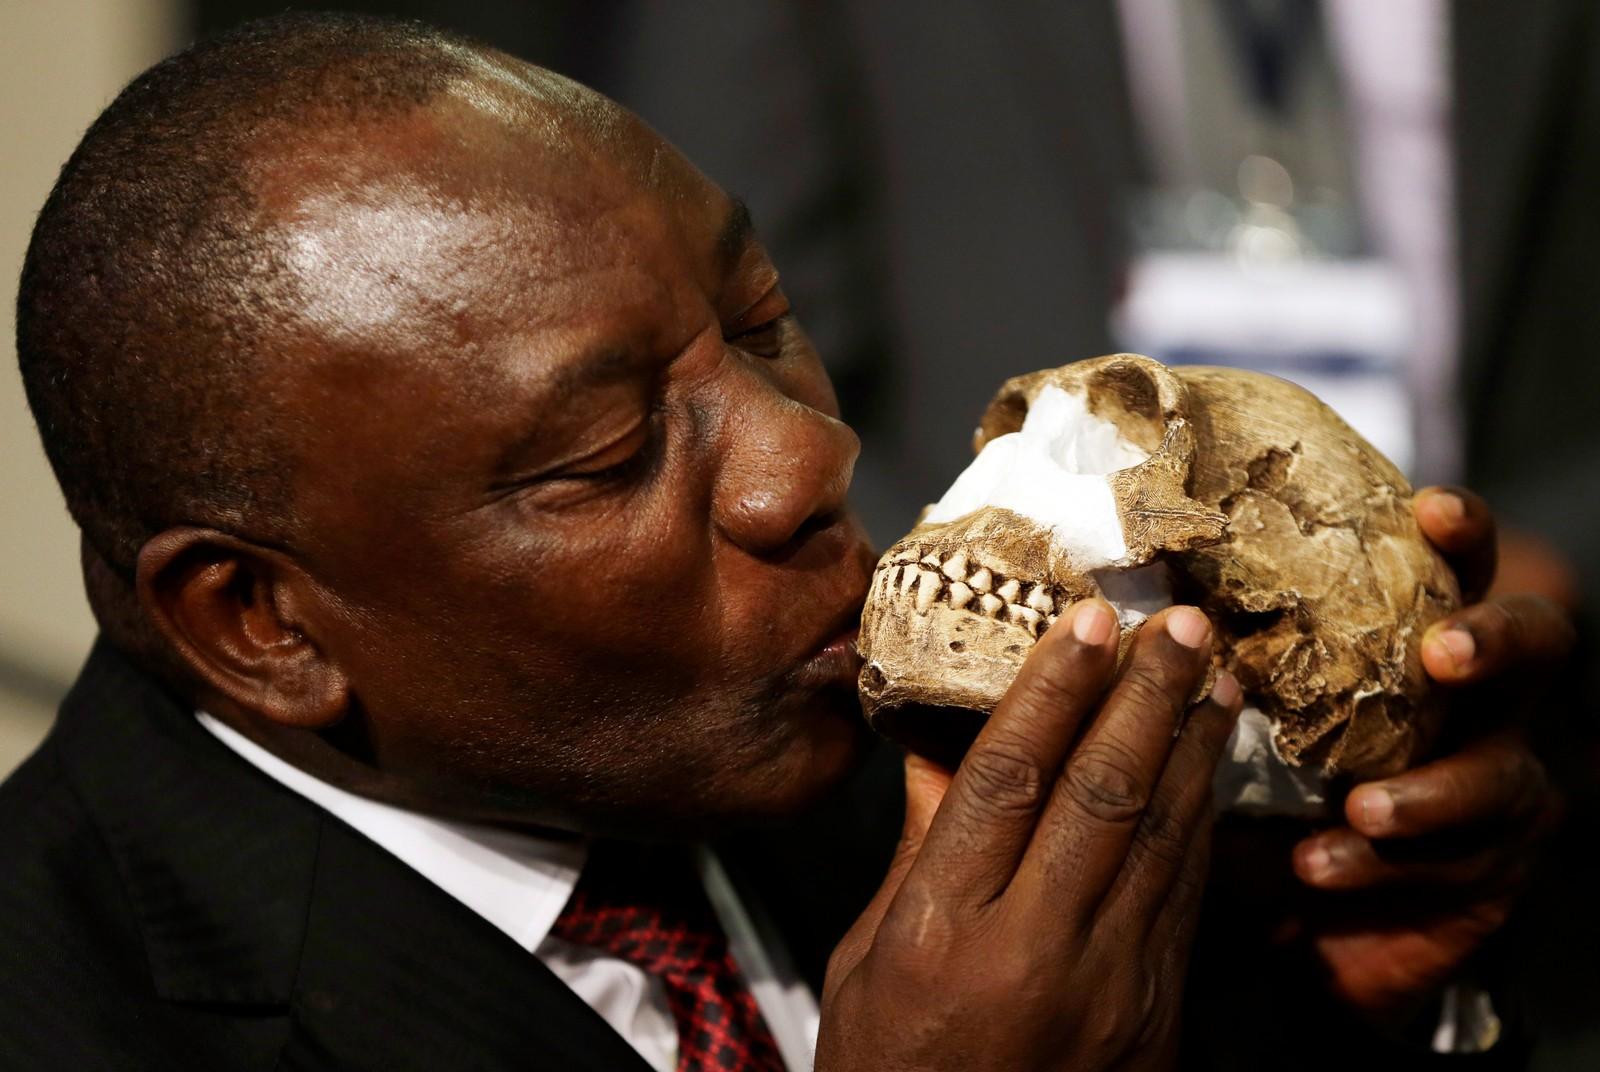 En ny menneskeart skal ha blitt funnet i en hule i Sør-Afrika denne uka. Landets vise-president Cyril Ramaphosa, kysser her en kopi av funnet, kalt homo naledi.